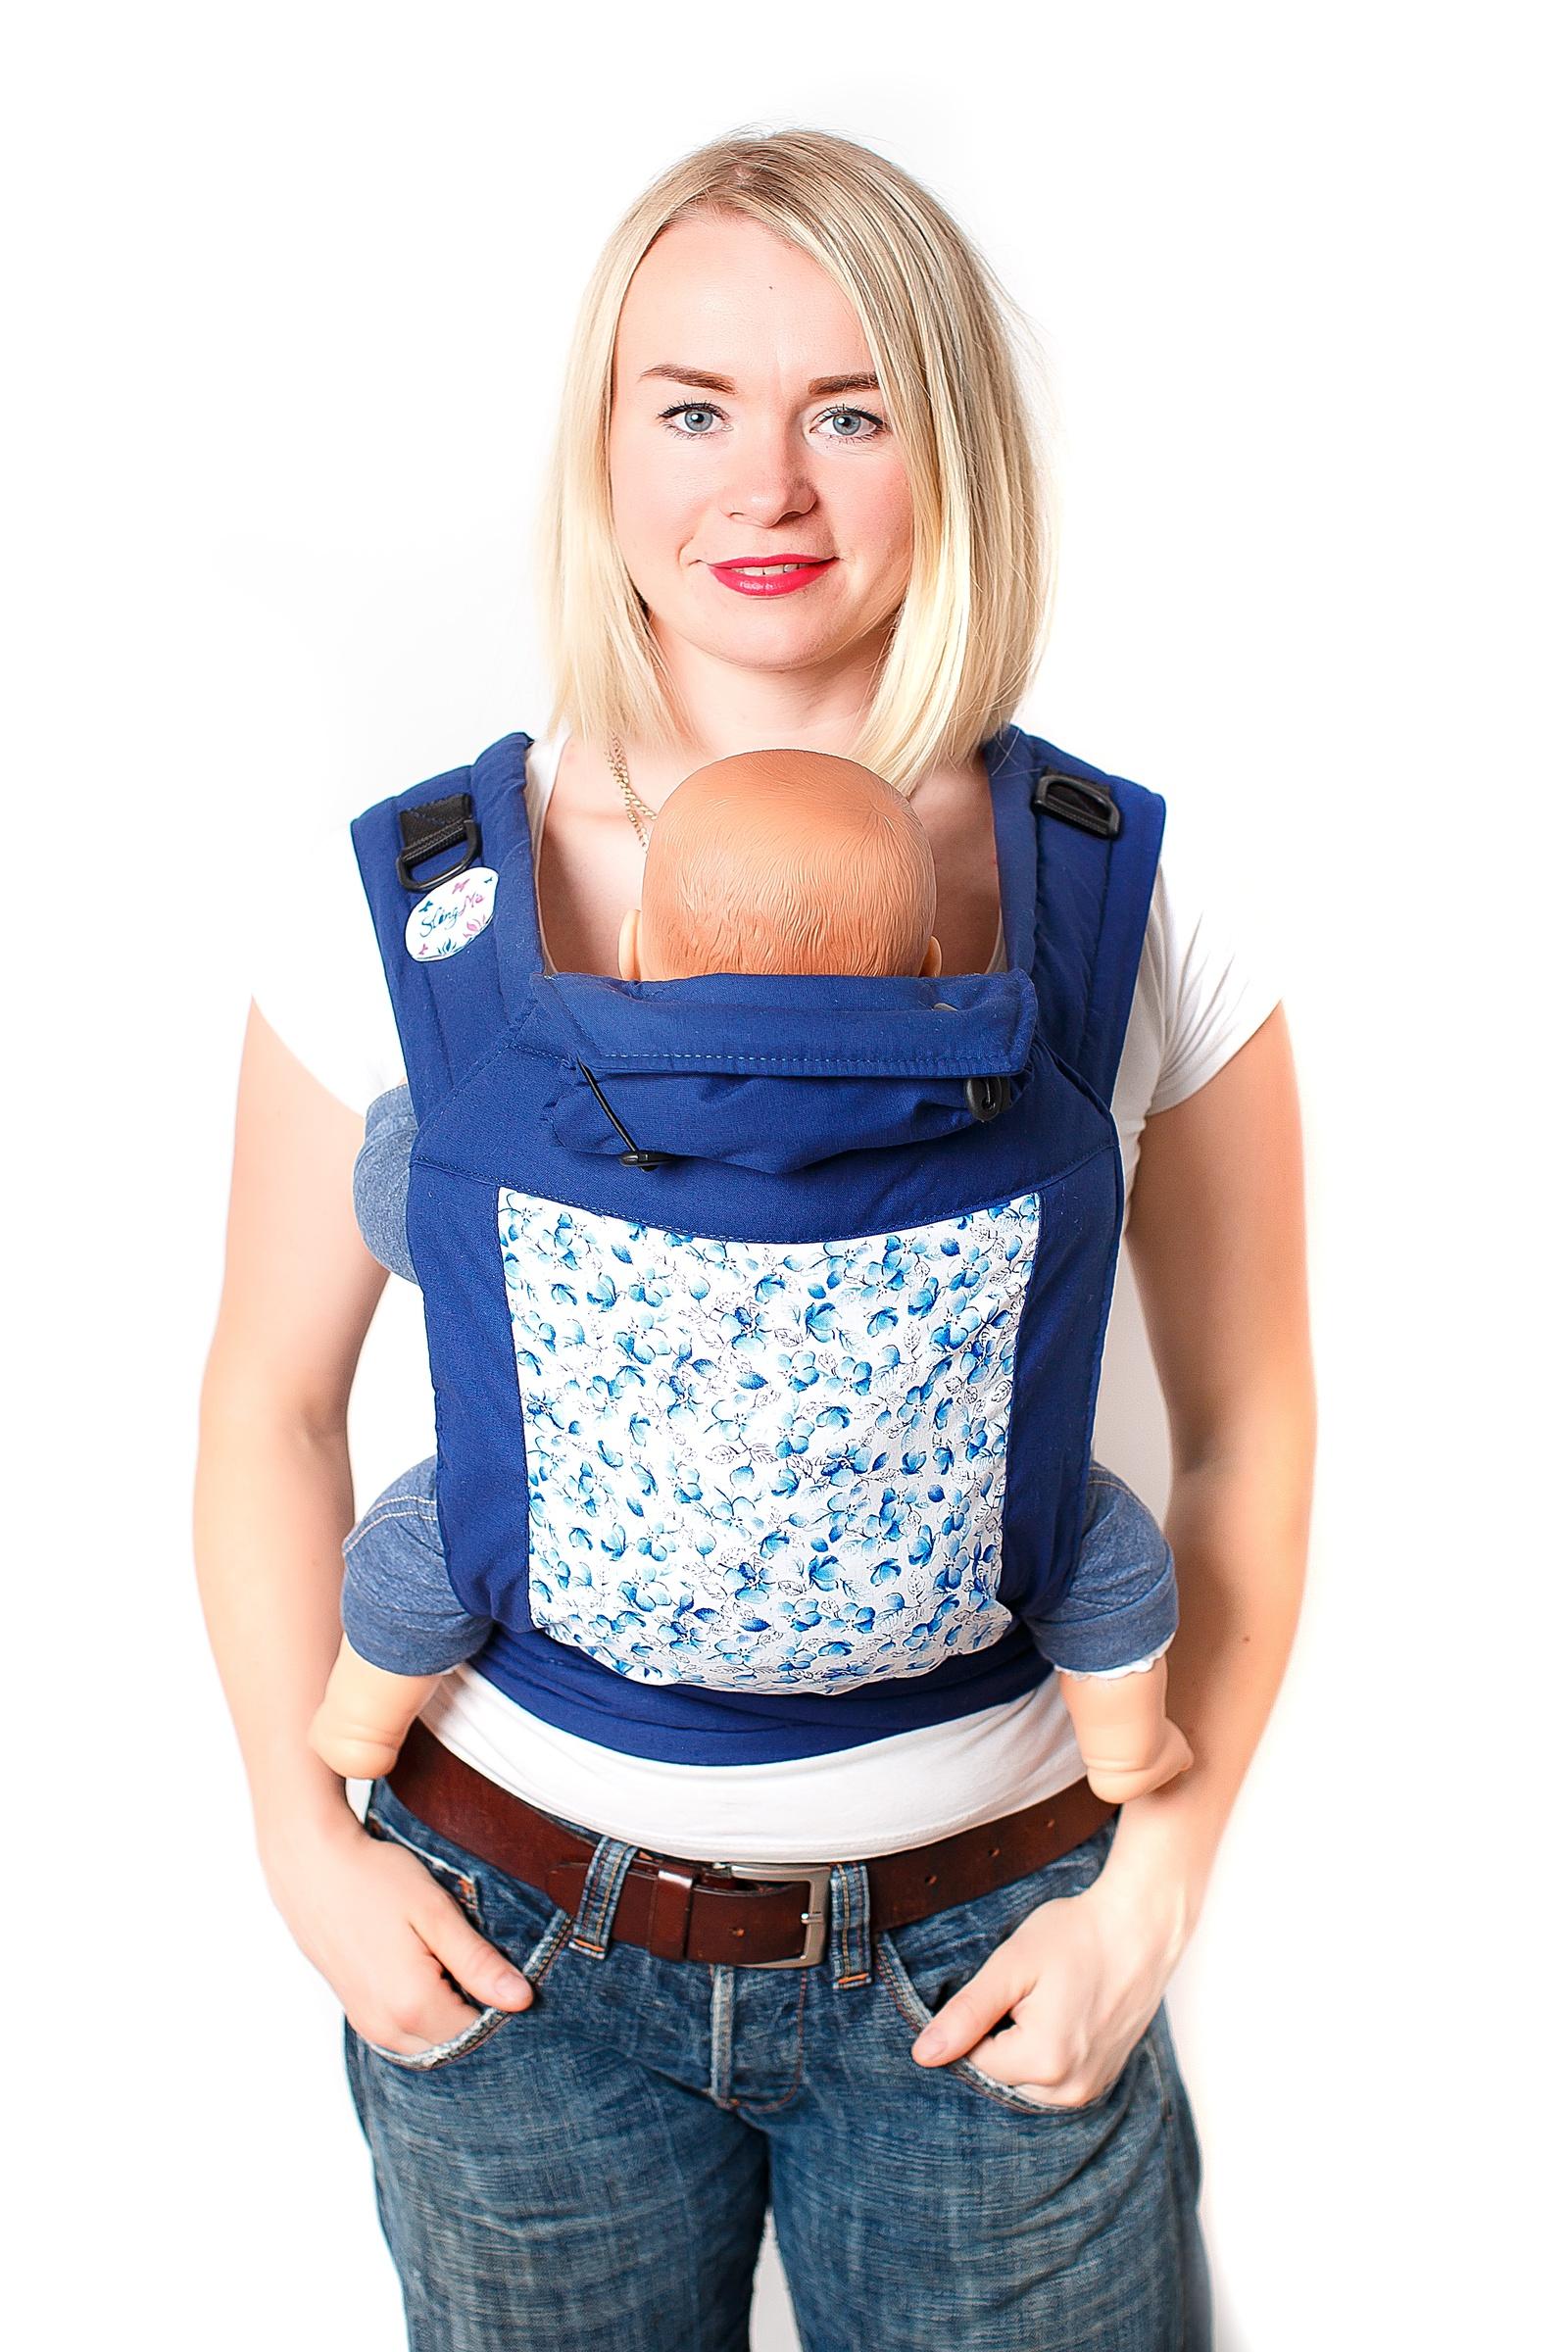 Май-слинг SlingMe Гжель, 005-063005-063Стильные уютные май-слинги от SingMe – идеальное решение для ношения малыша: с рождения и до того момента, пока вам нужен слинг (рассчитаны на вес до 25 кг). Для мамы: · Мягкие простеганные лямки. · Прошитое синтепоном увеличение спинки в виде трапеции позволяет безопасно и комфортно носить в слинге даже новорожденных. · Подголовник-капюшон фиксируется с помощью кнопок и при необходимости может быть отстегнут. Также капюшон можно аккуратно свернуть и закрепить с помощью вшитых резиночек. · Май-слинг имеет универсальный размер от 42 до 52, поэтому может использоваться всеми членами семьи. · Неповторимые расцветки авторских тканей. Для ребенка: · Подголовник-капюшон комфортно поддерживает голову ребенка во время сна. А также позволяет незаметно для окружающих кормить ребенка грудью.